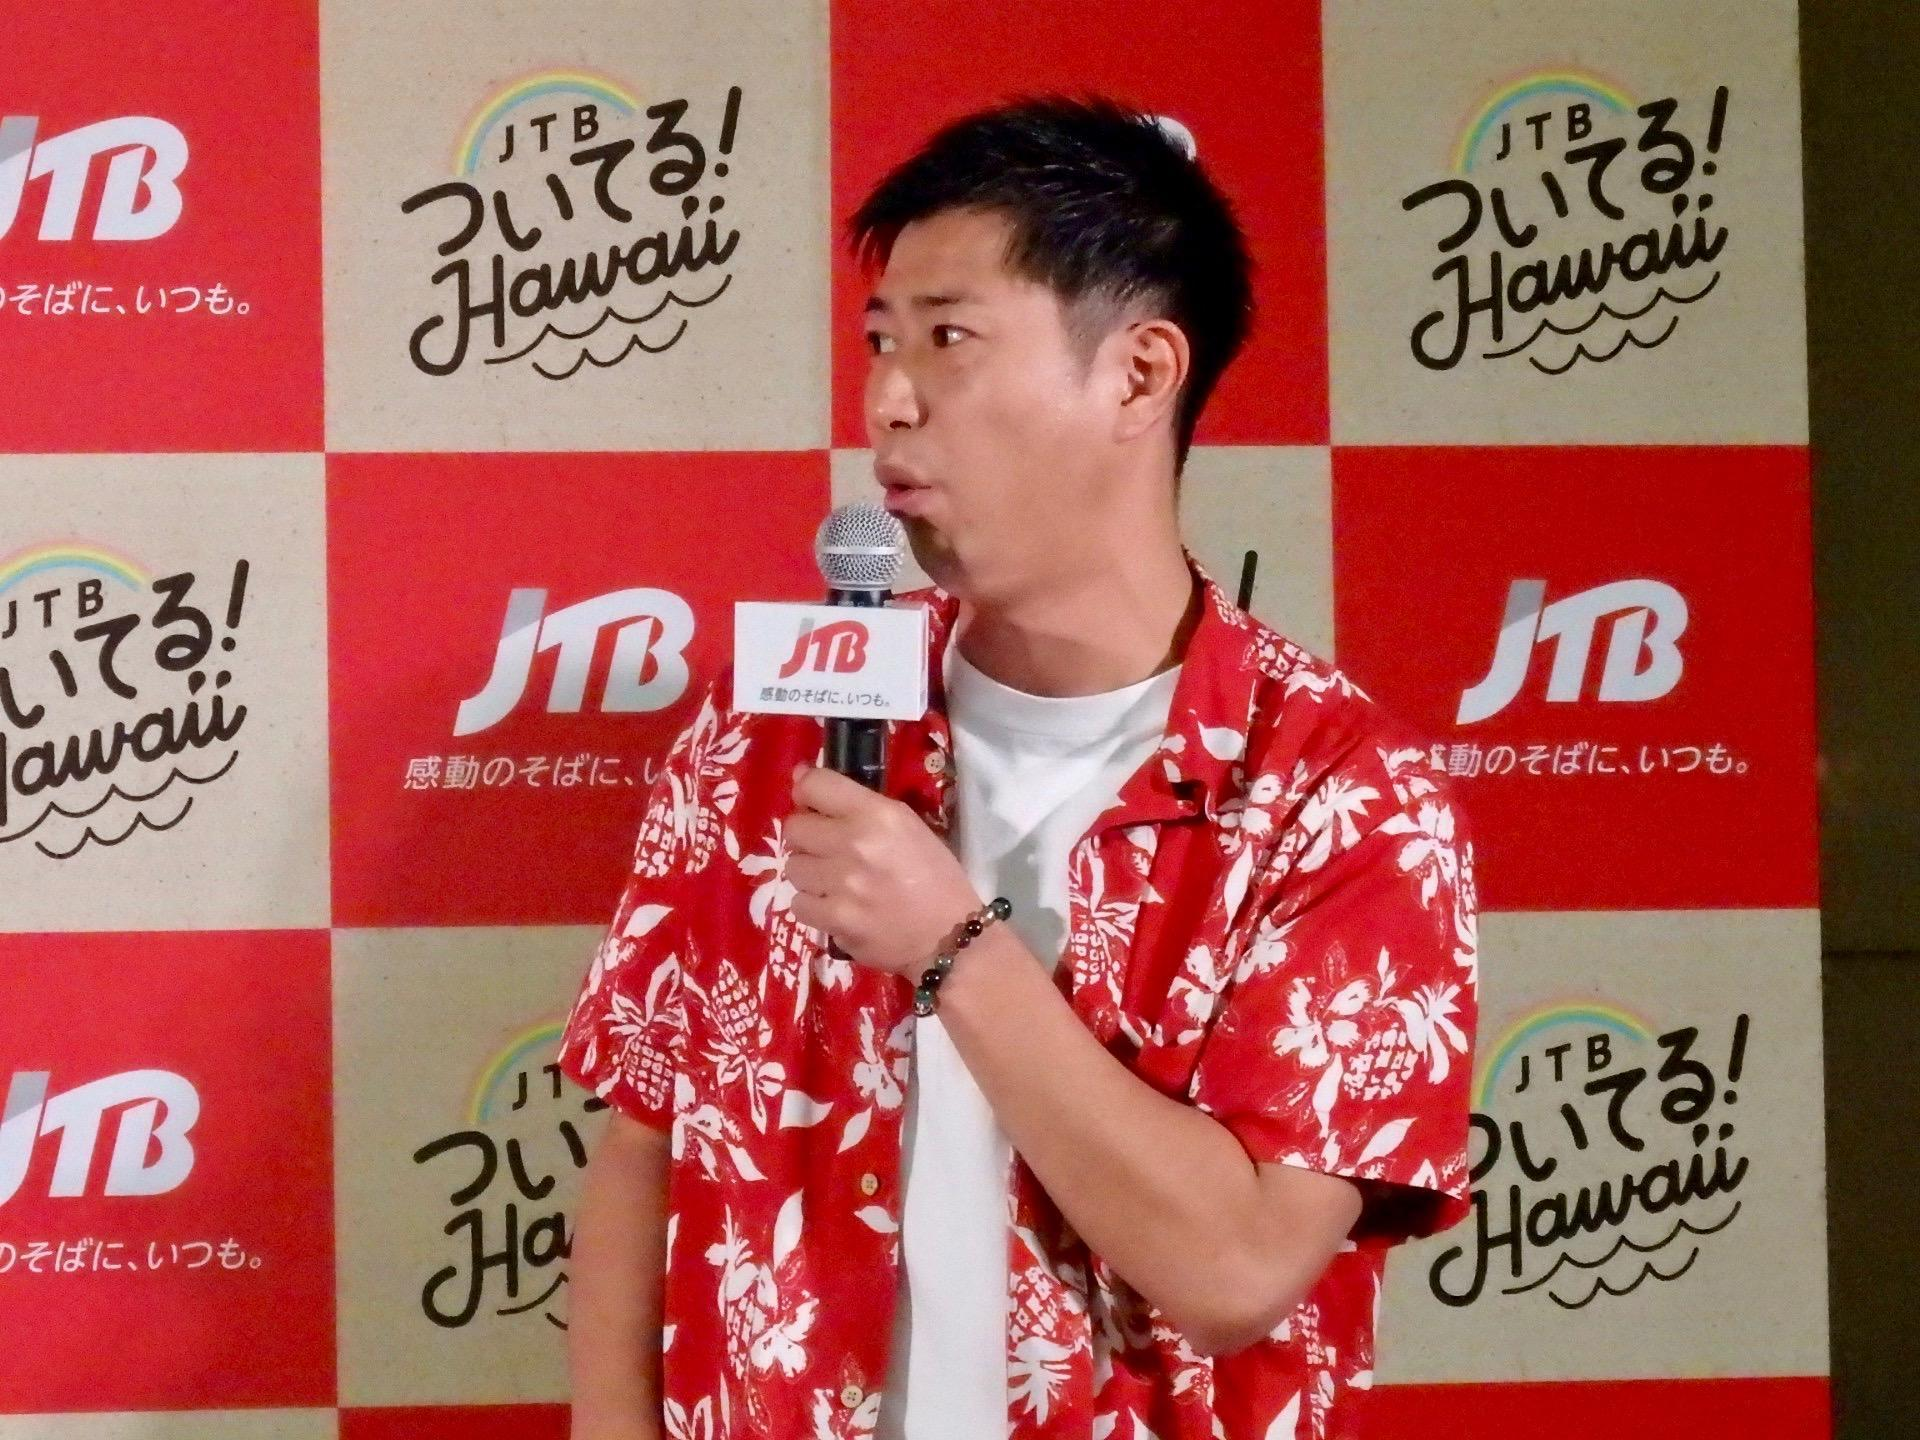 http://news.yoshimoto.co.jp/20190122223006-4e06e2eee50a075063eece7b161a0a436af0813b.jpeg